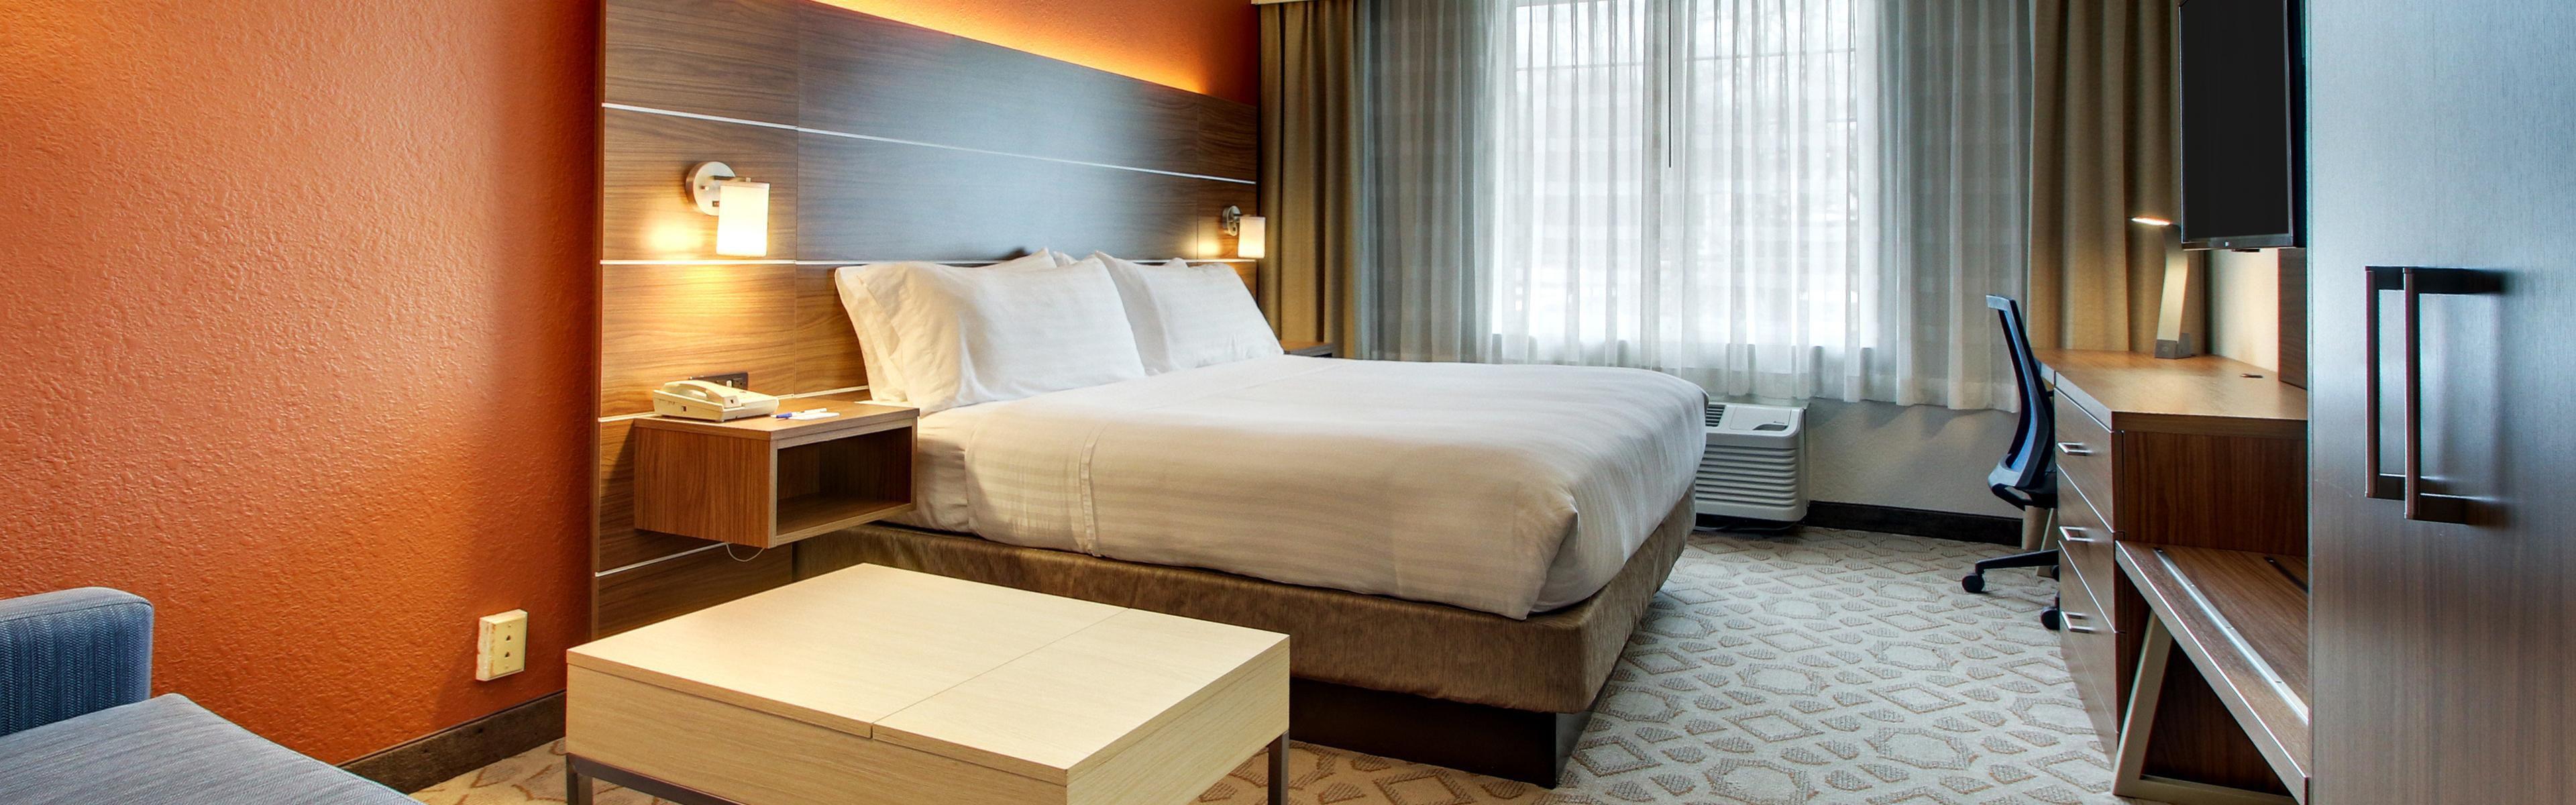 Holiday Inn Express Poughkeepsie image 1